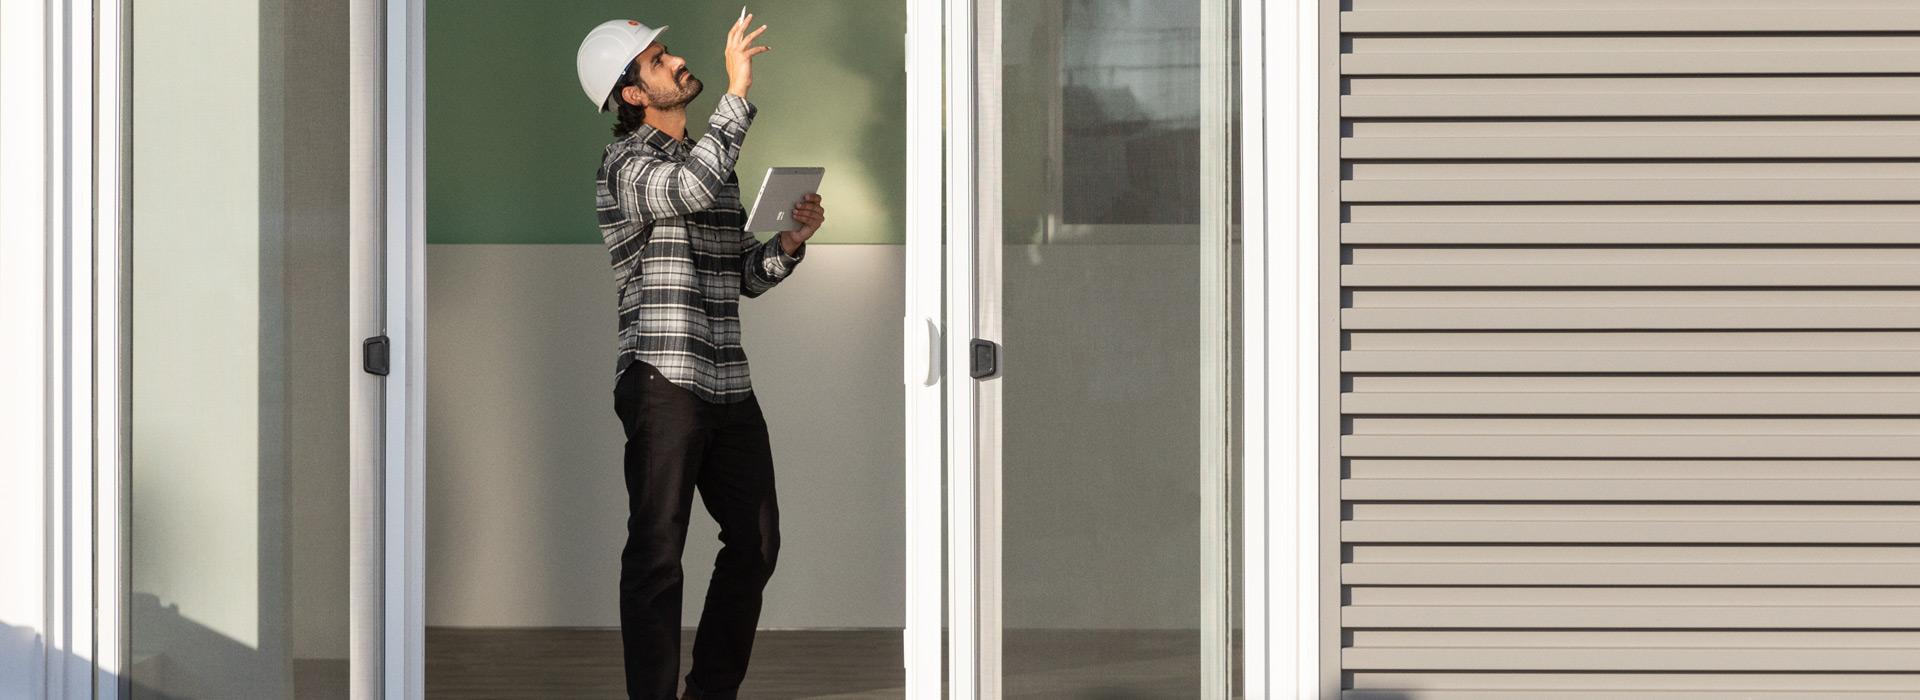 En arbejder med beskyttelseshjelm i et beboelsesområde holder en Surface Go 2 i tablettilstand